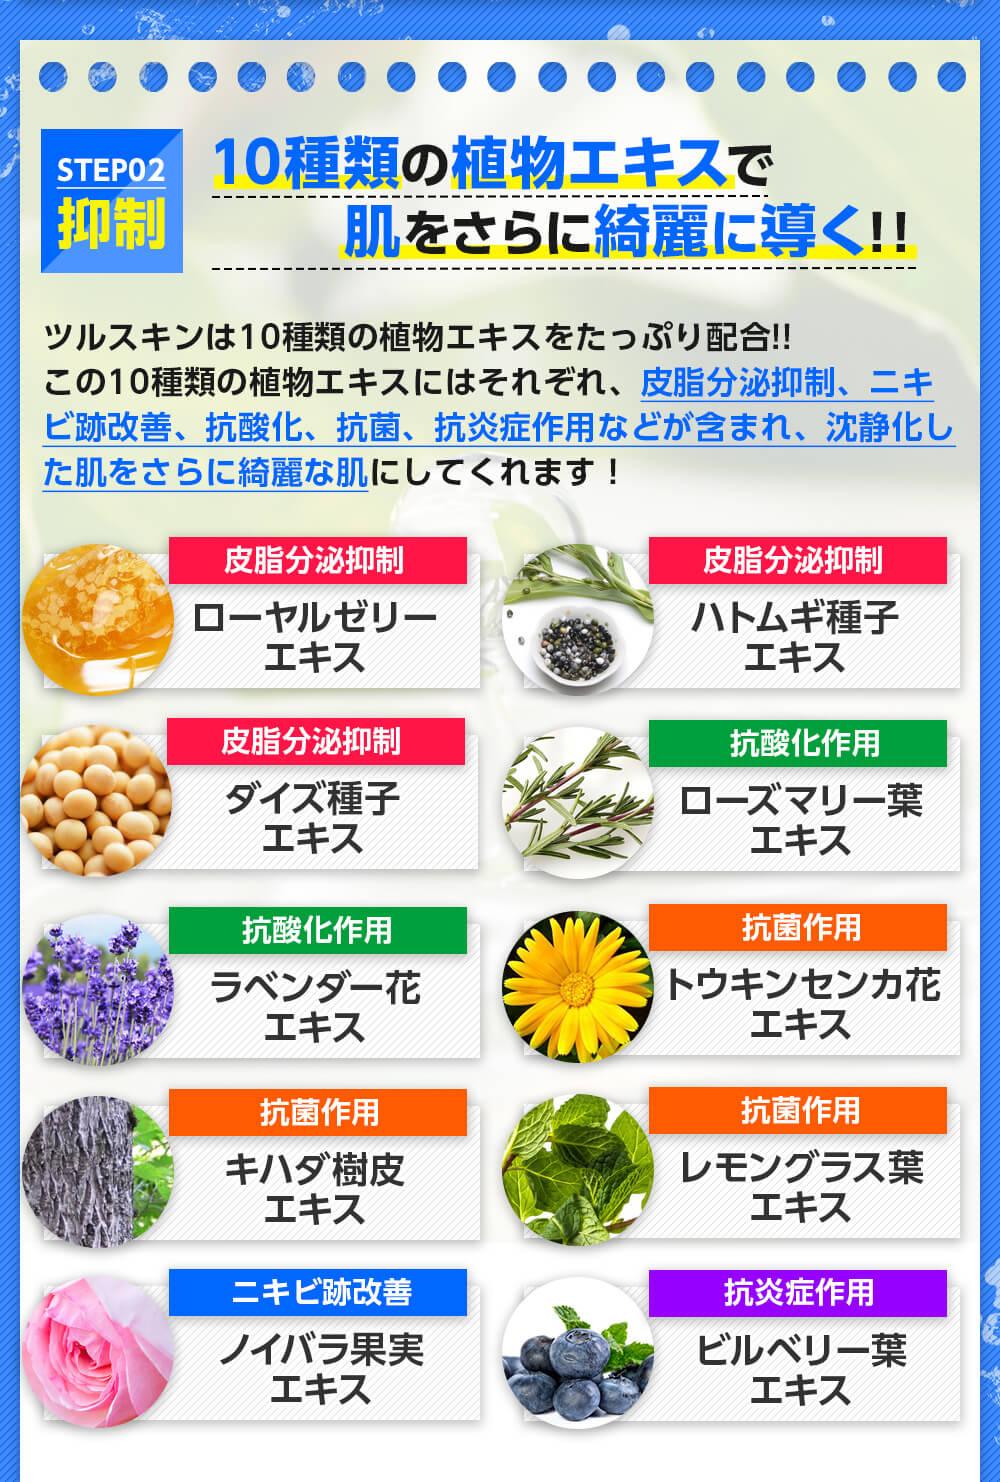 10種類の植物エキス配合!皮脂の抑制・ニキビ跡の改善・ニキビを抑える効果